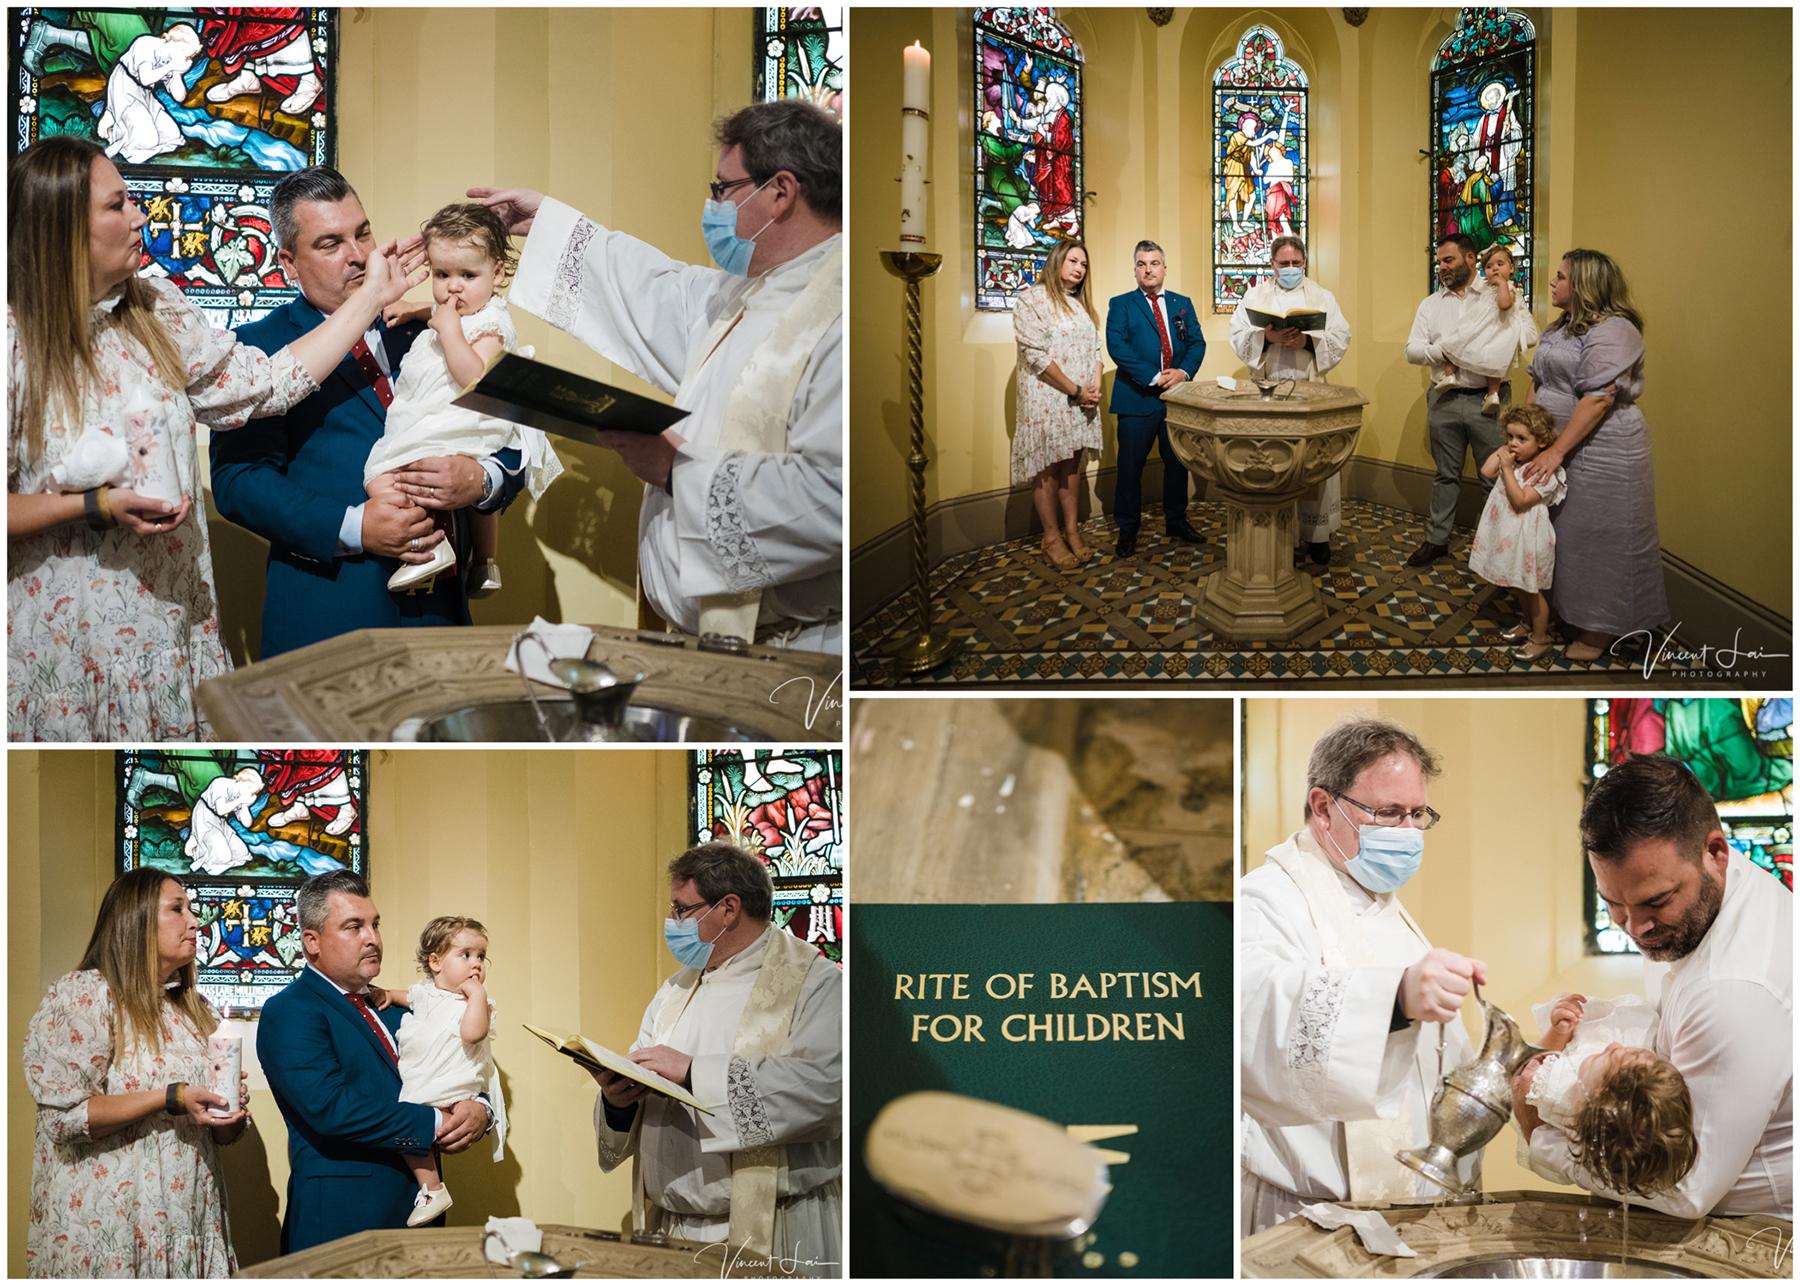 Baptism at St Thomas of Canterbury Church at Lewisham